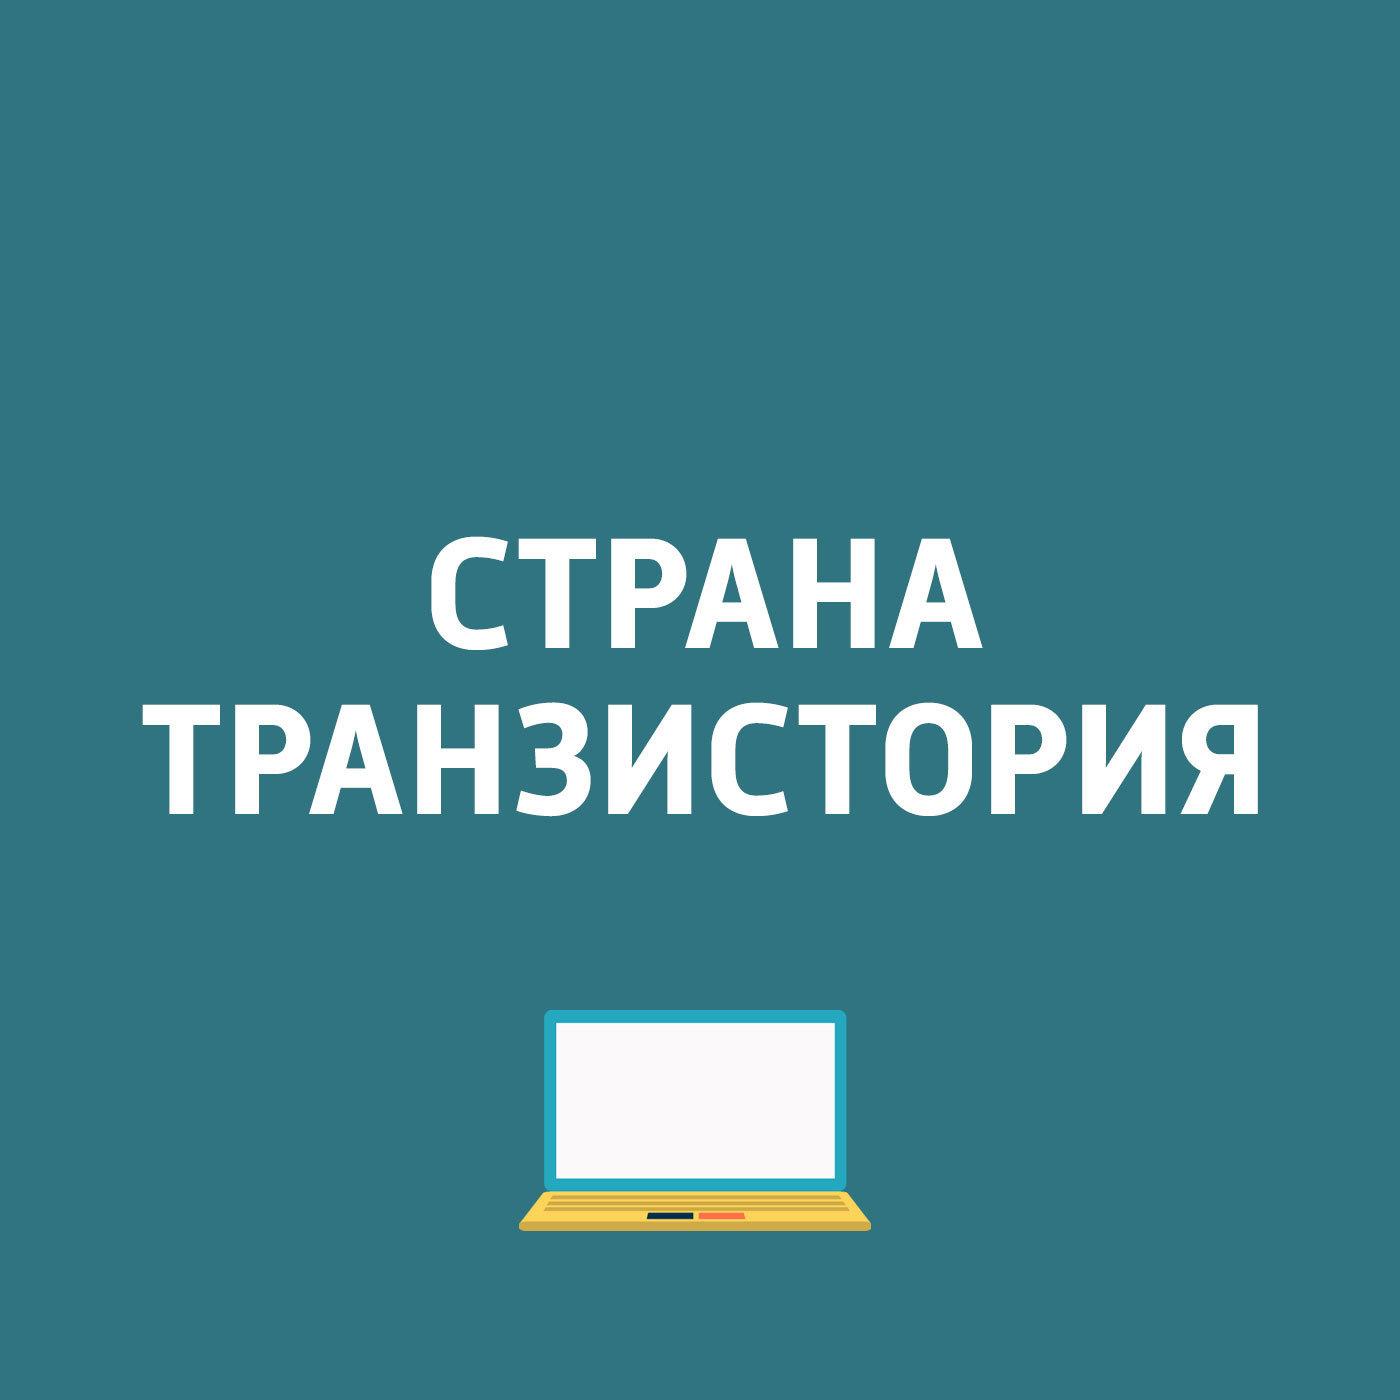 Картаев Павел Новый троян, Xperia-XA картаев павел sony xperia x performance в рф huawei новый планшет секретные чаты в фб